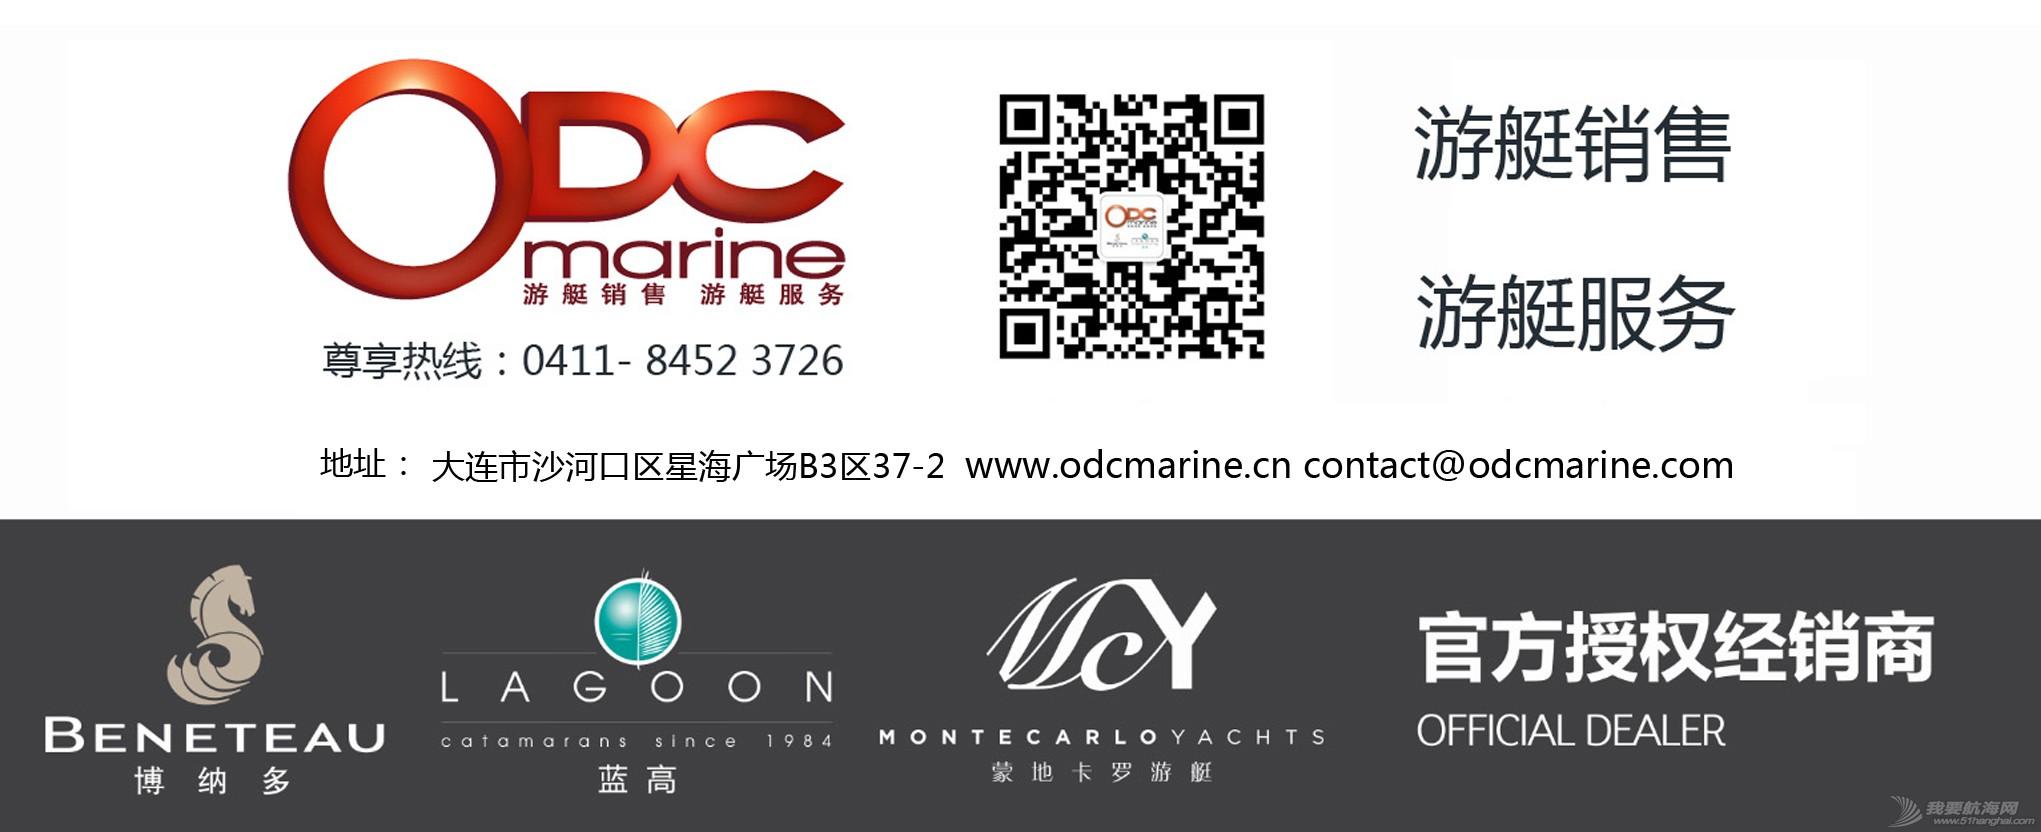 工作台,专利技术,巴拉克,日光浴,爱好者 卓越的钓鱼艇——博纳多巴拉克达8 signature